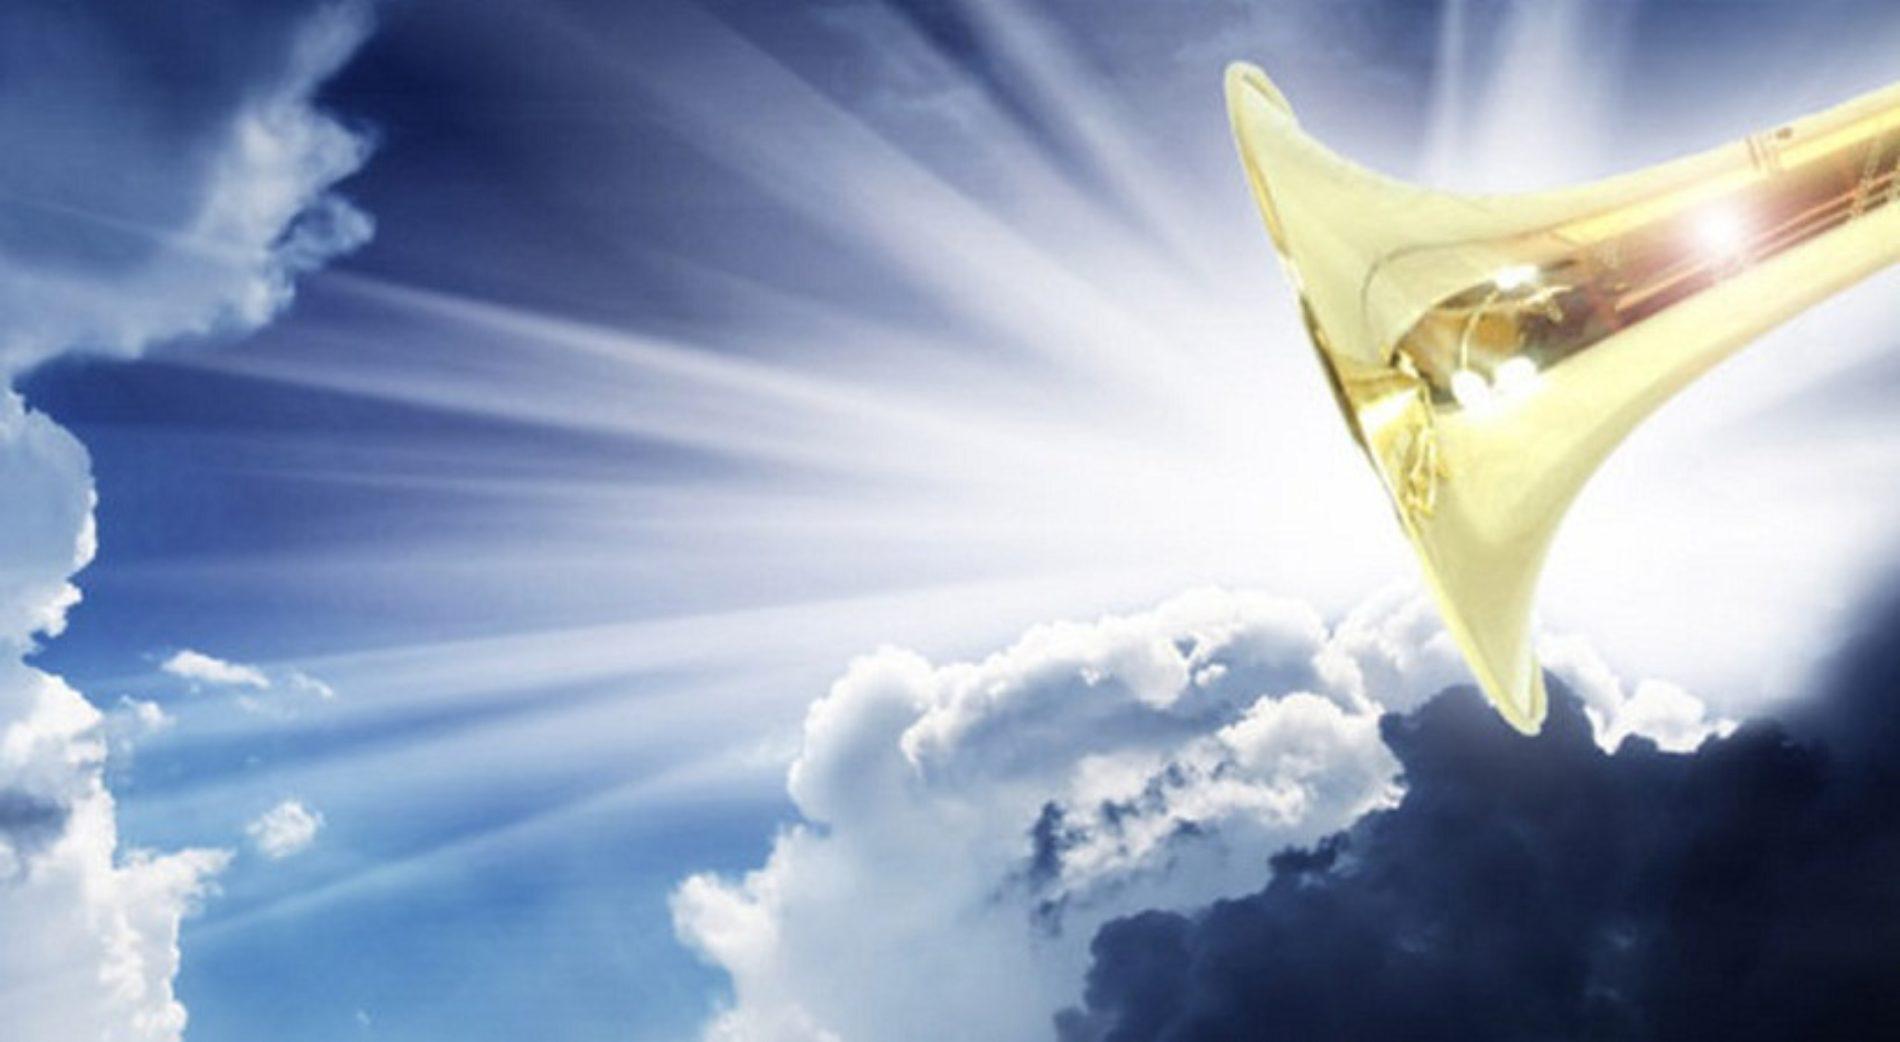 Quem será arrebatado quando Cristo voltar?